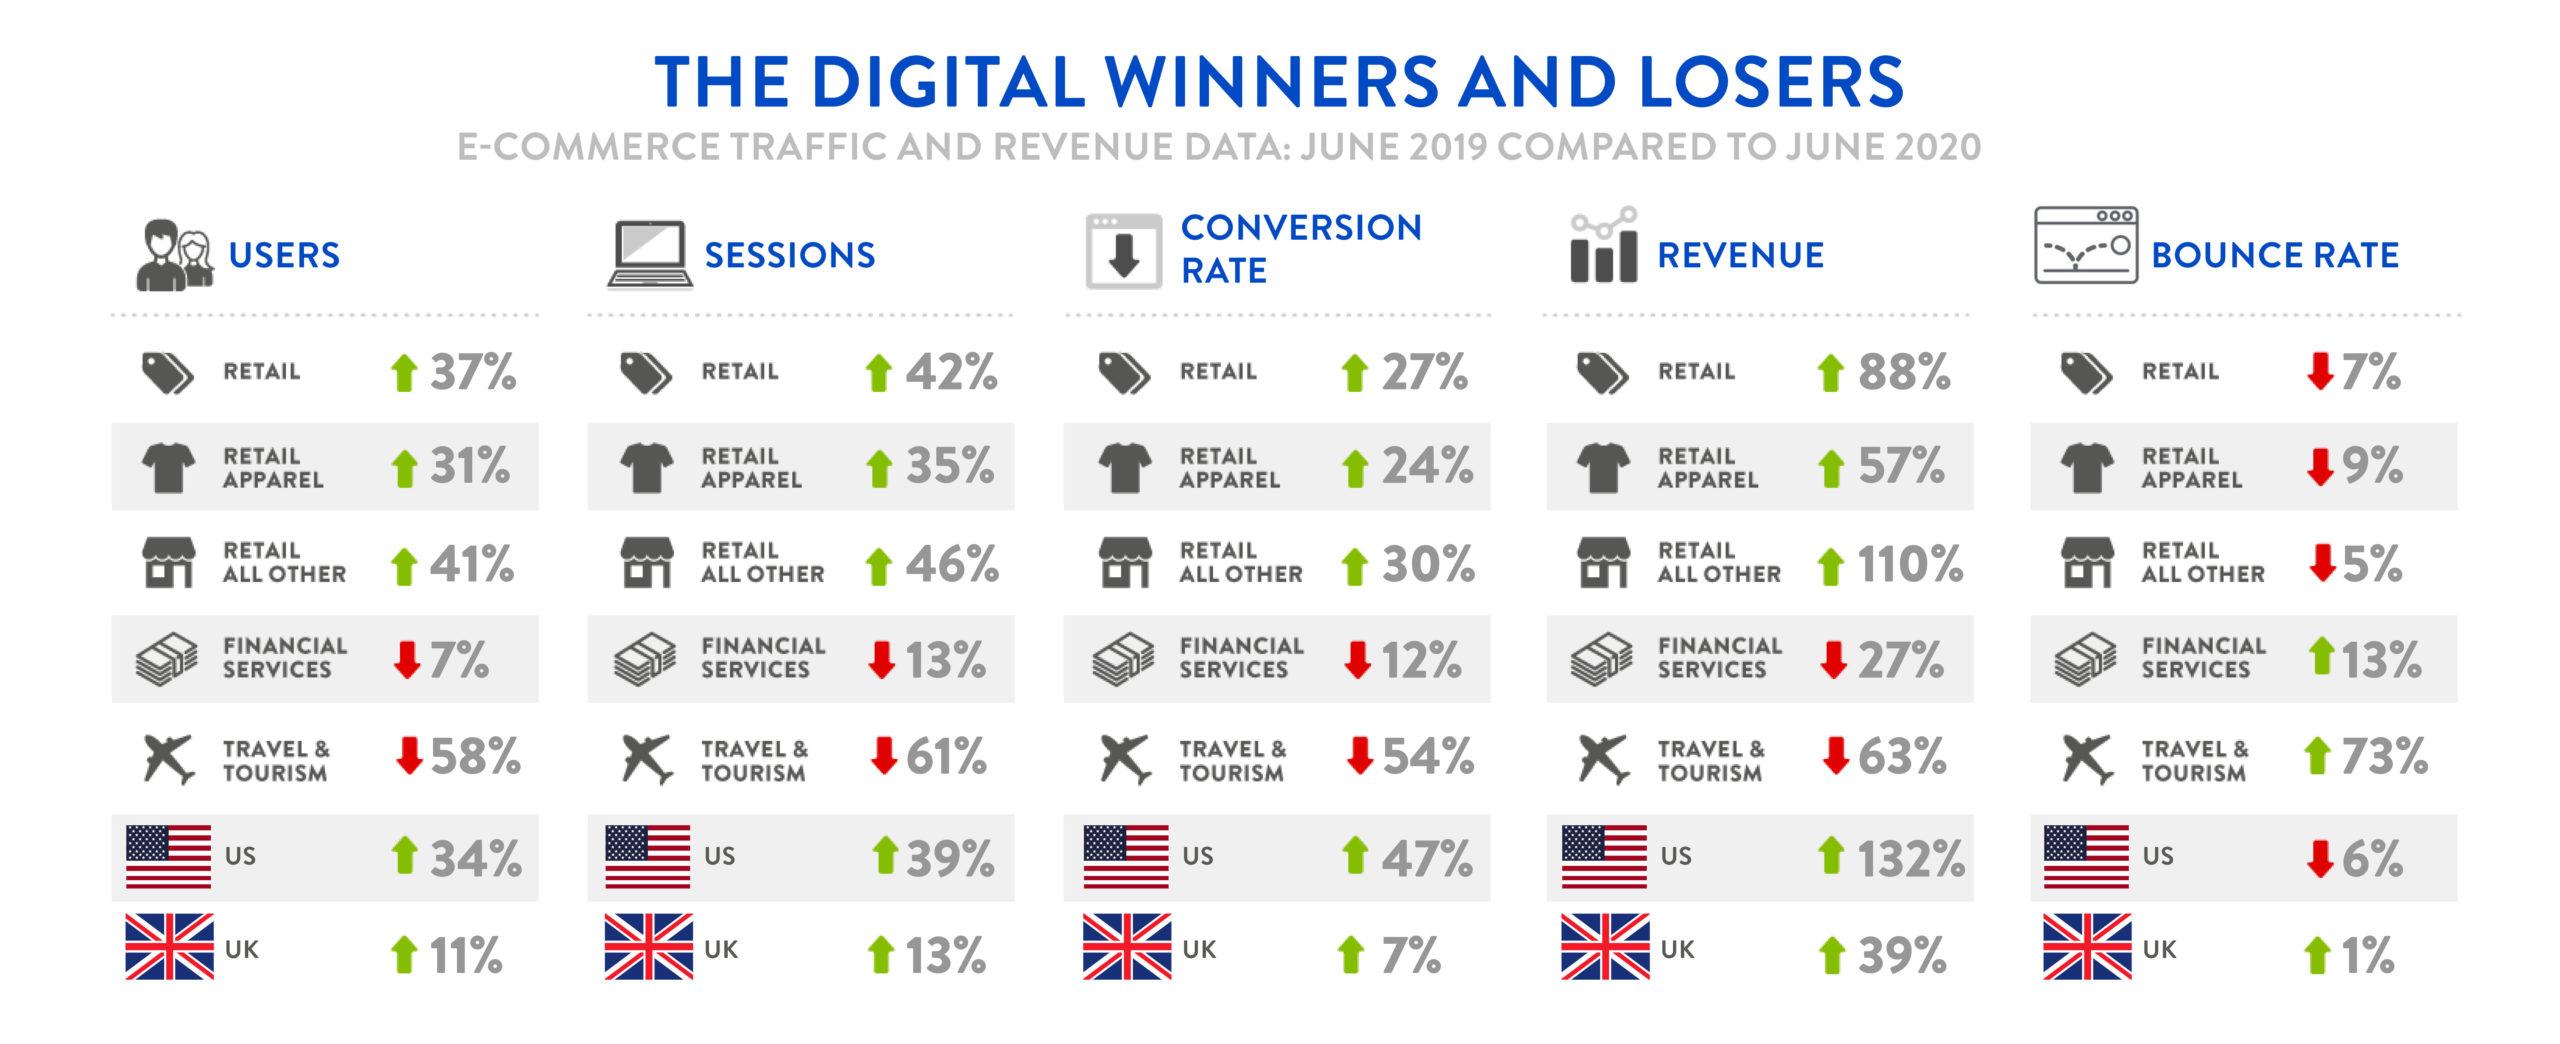 Digivante Infographic - June 2019 Compare to June 2020